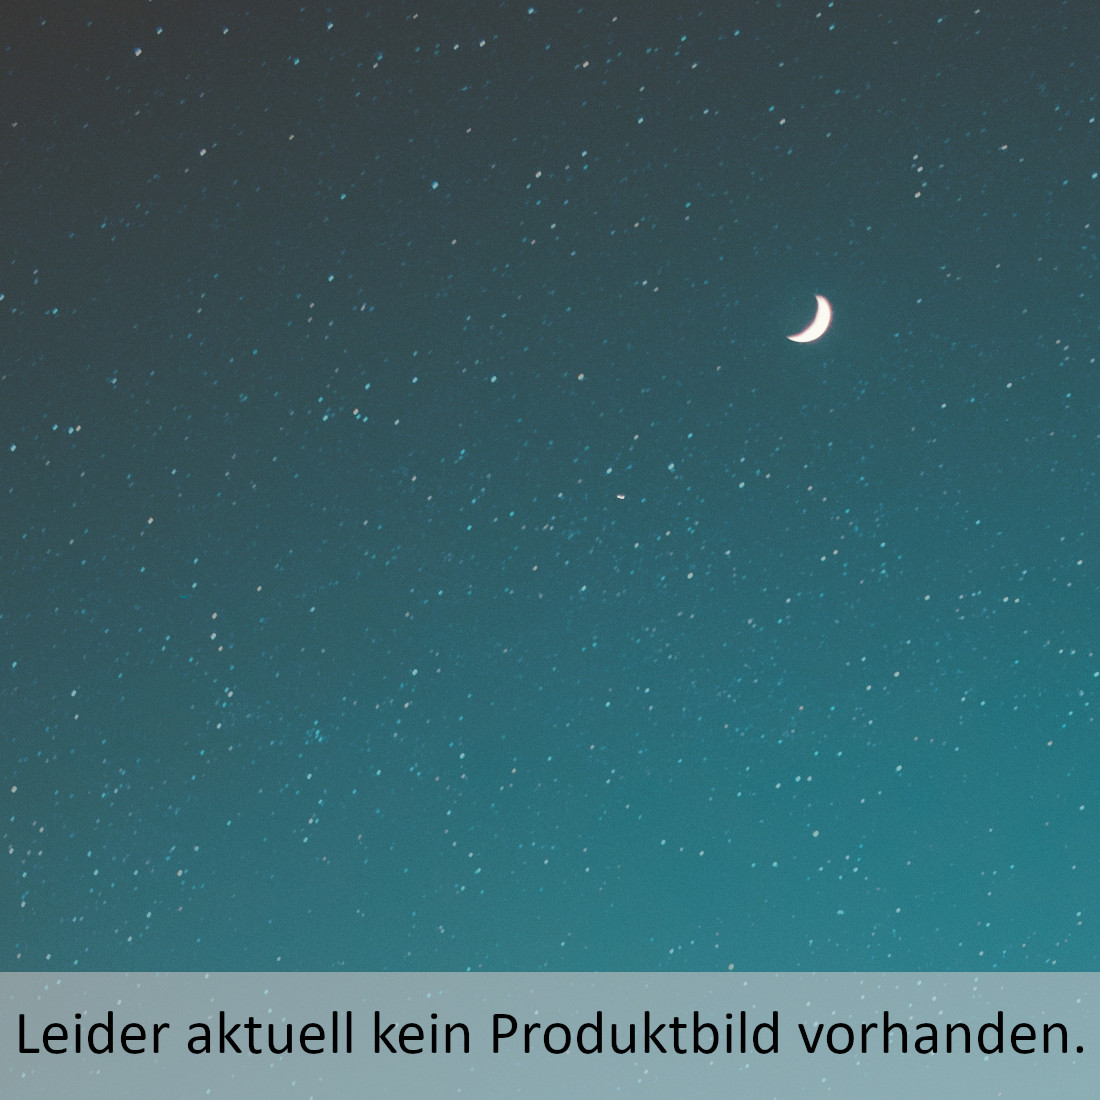 Die Bibel verstehen Schorlemmer, Friedrich 9783866479111